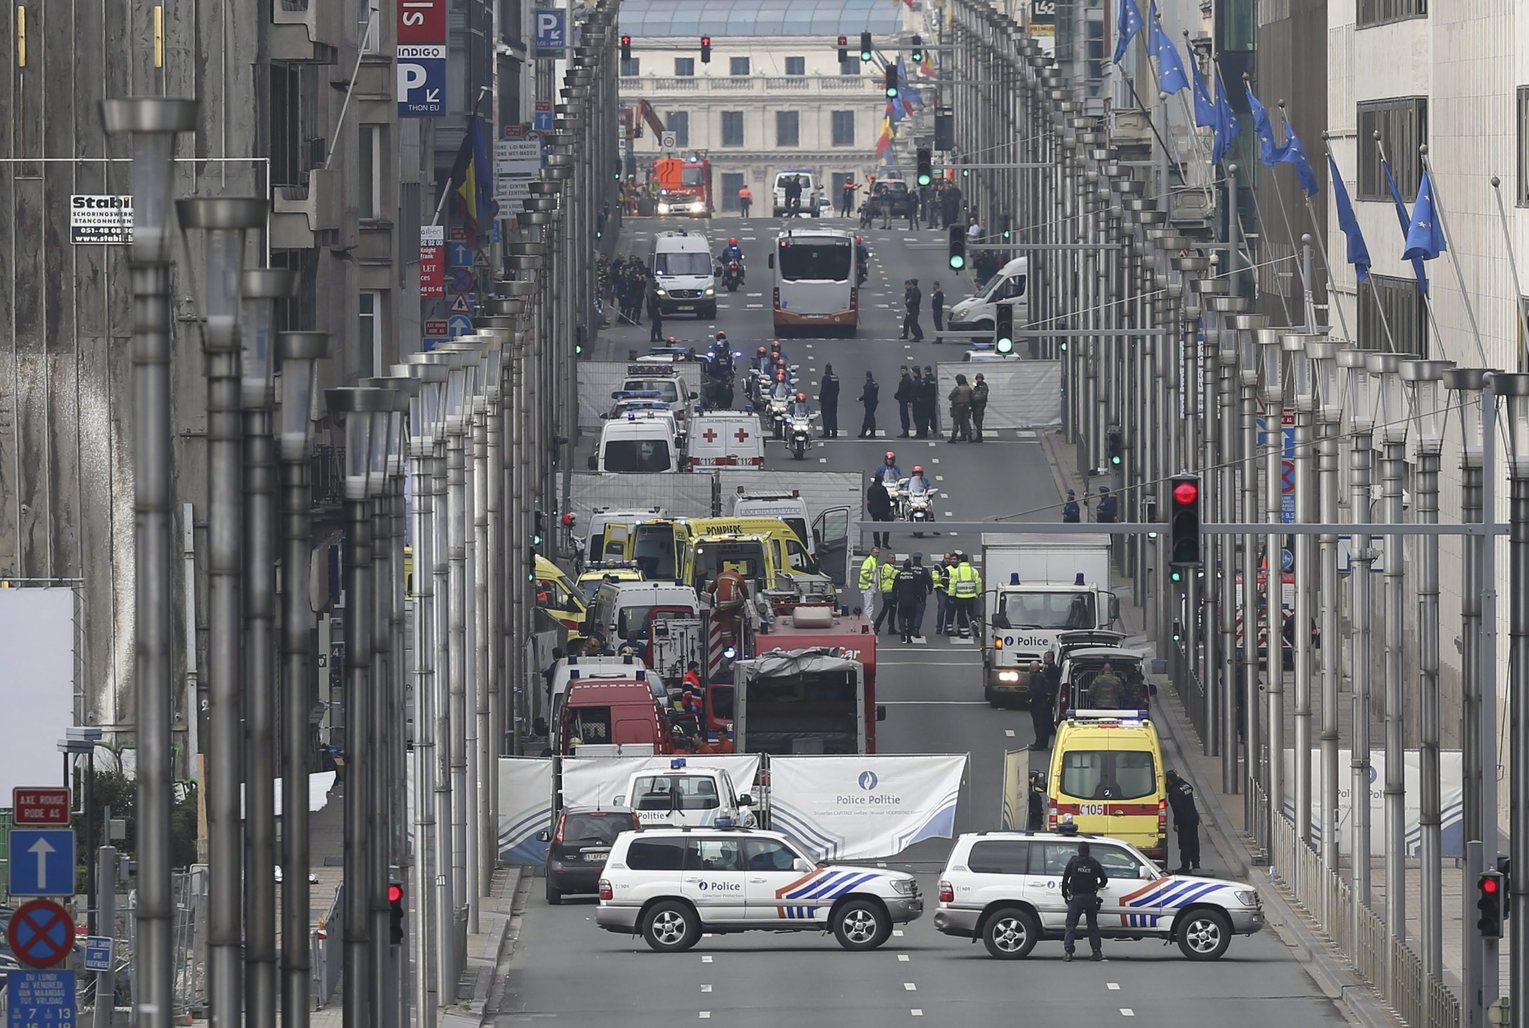 Brüsszel, 2016. március 22. Rendőrök és mentősök a brüsszeli Maelbeek nevű metróállomásnál, miután robbantás történt a helyszínen 2016. március 22-én. Tizenegyen életüket vesztették és 81-en megsebesültek a brüsszeli Zaventem nemzetközi repülőtéren elkövetett öngyilkos merényletben, valamint tizenöt halottja és 55 sebesültje van a Maelbeek metróállomásnál történt robbantásnak. (MTI/EPA/Olivier Hoslet)